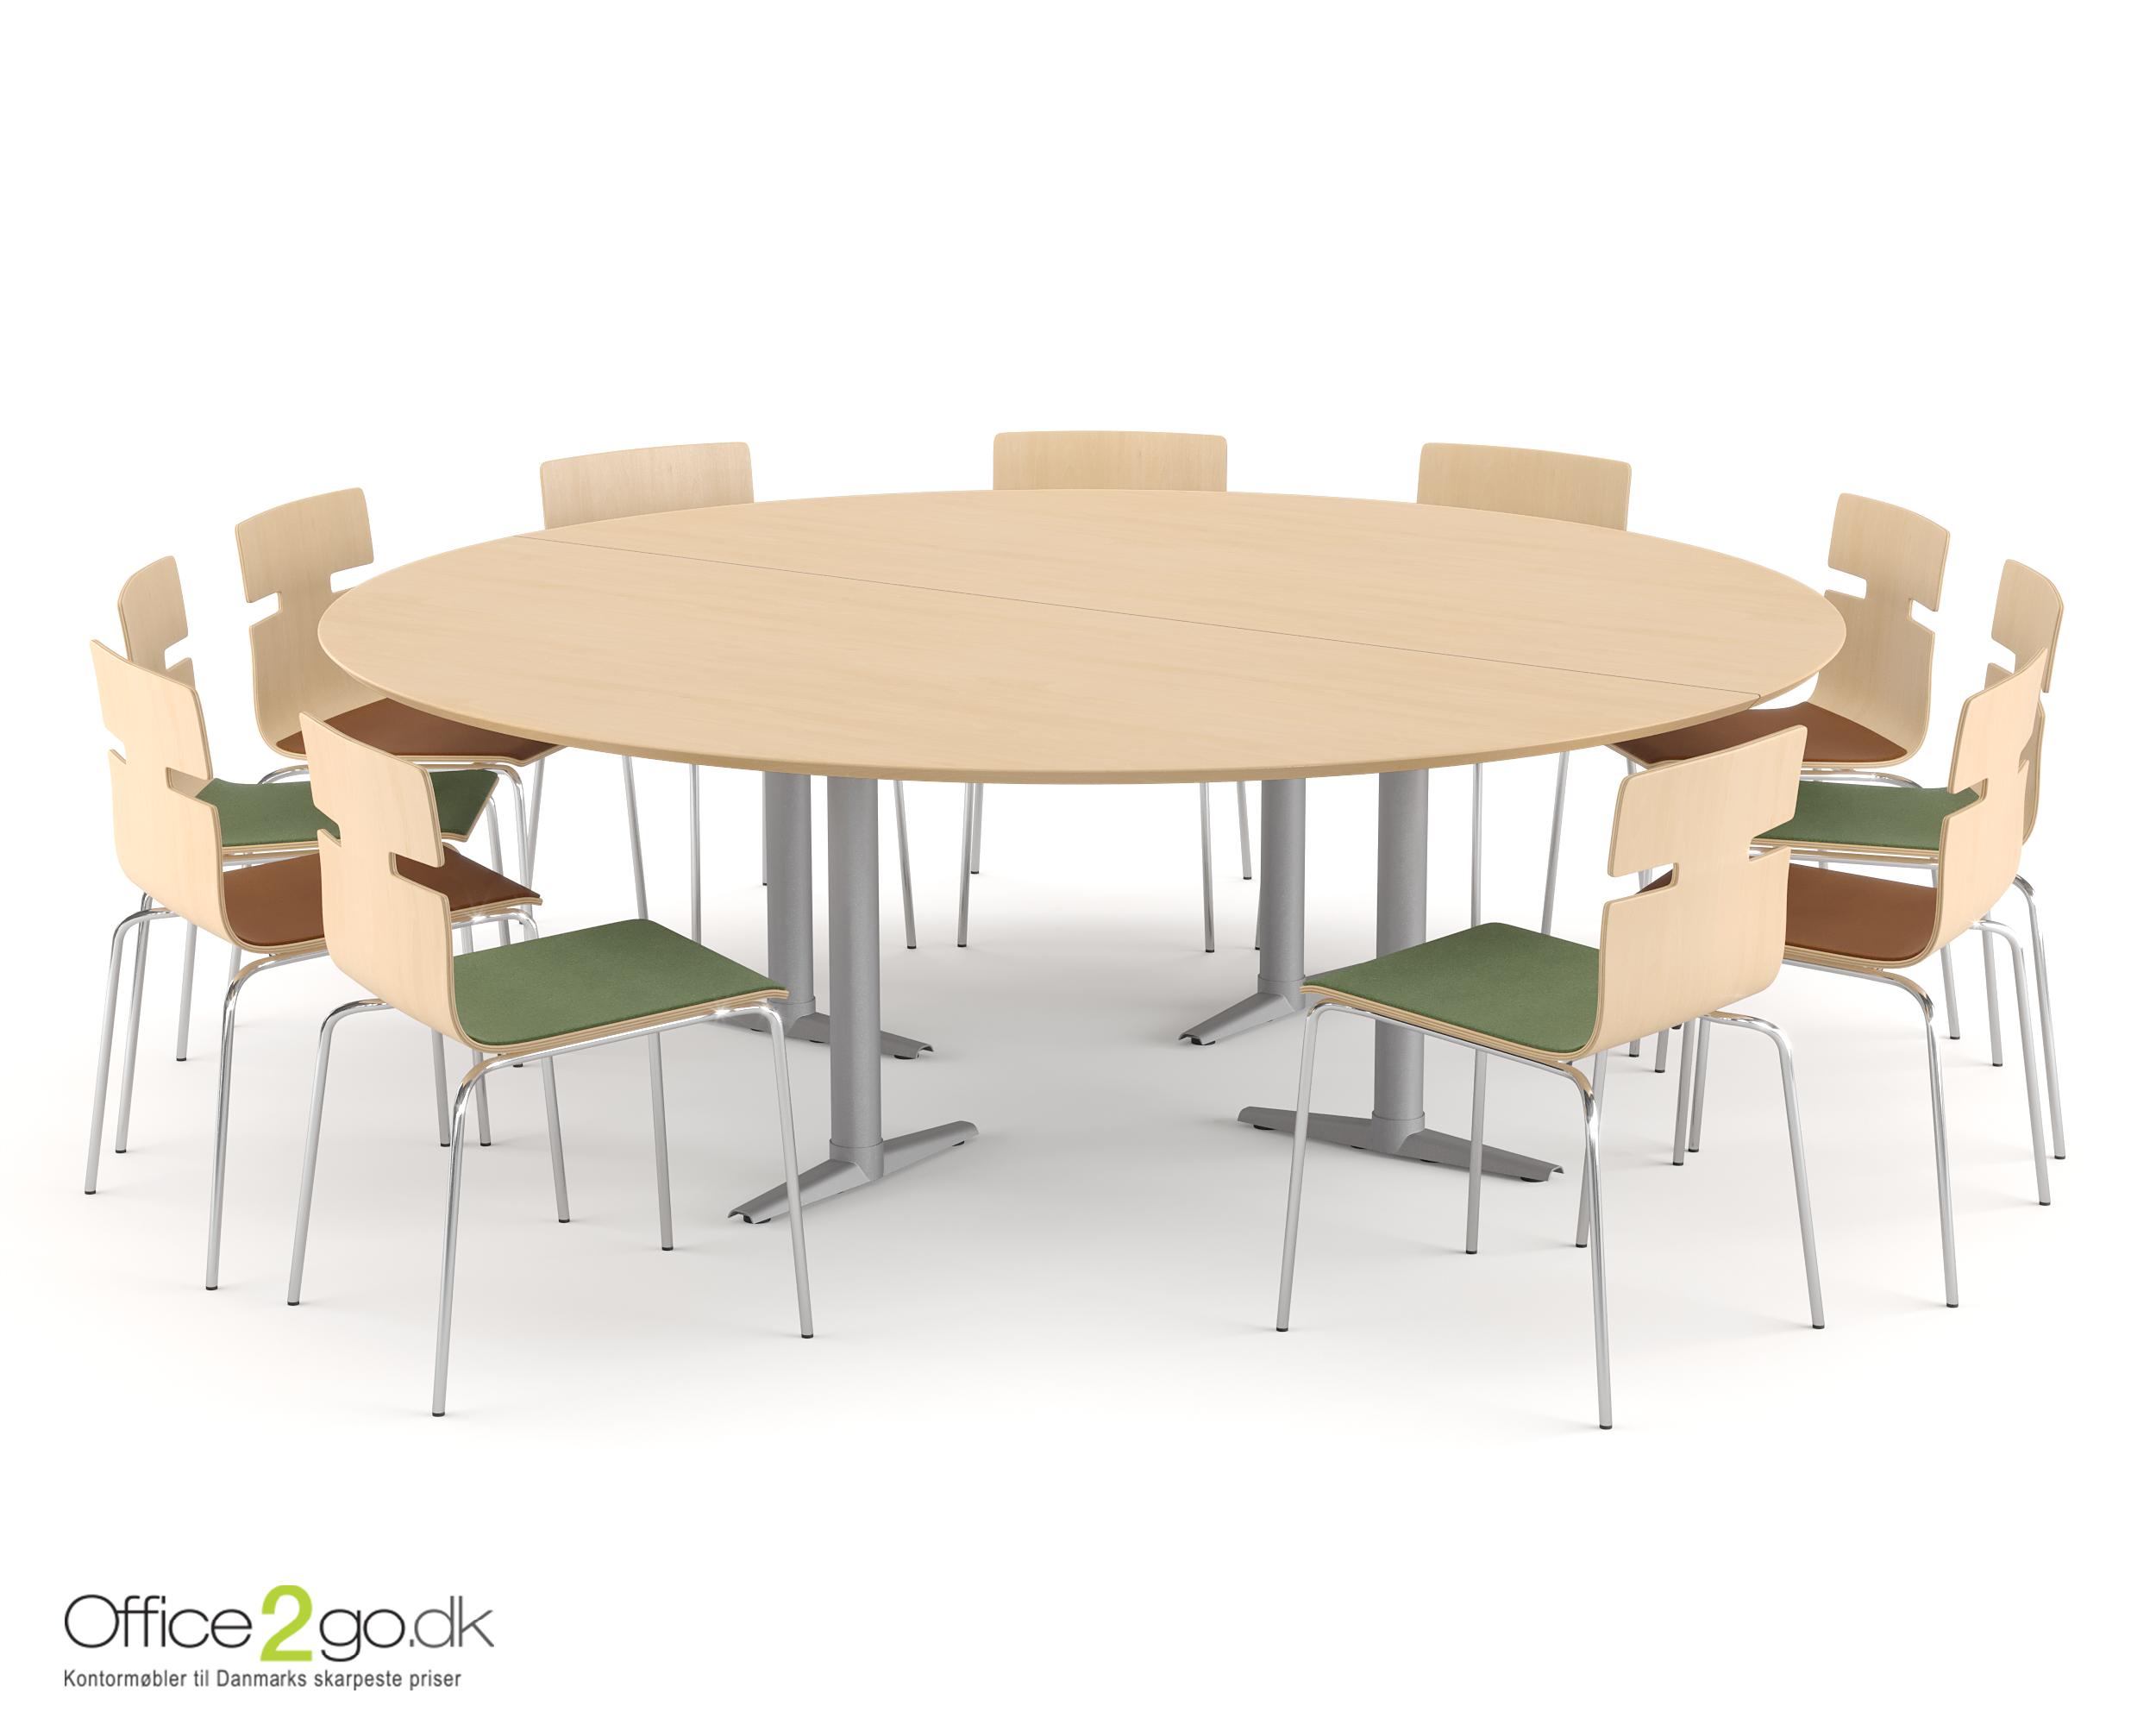 Switch mødebord - 11 personer - Ø 220 cm